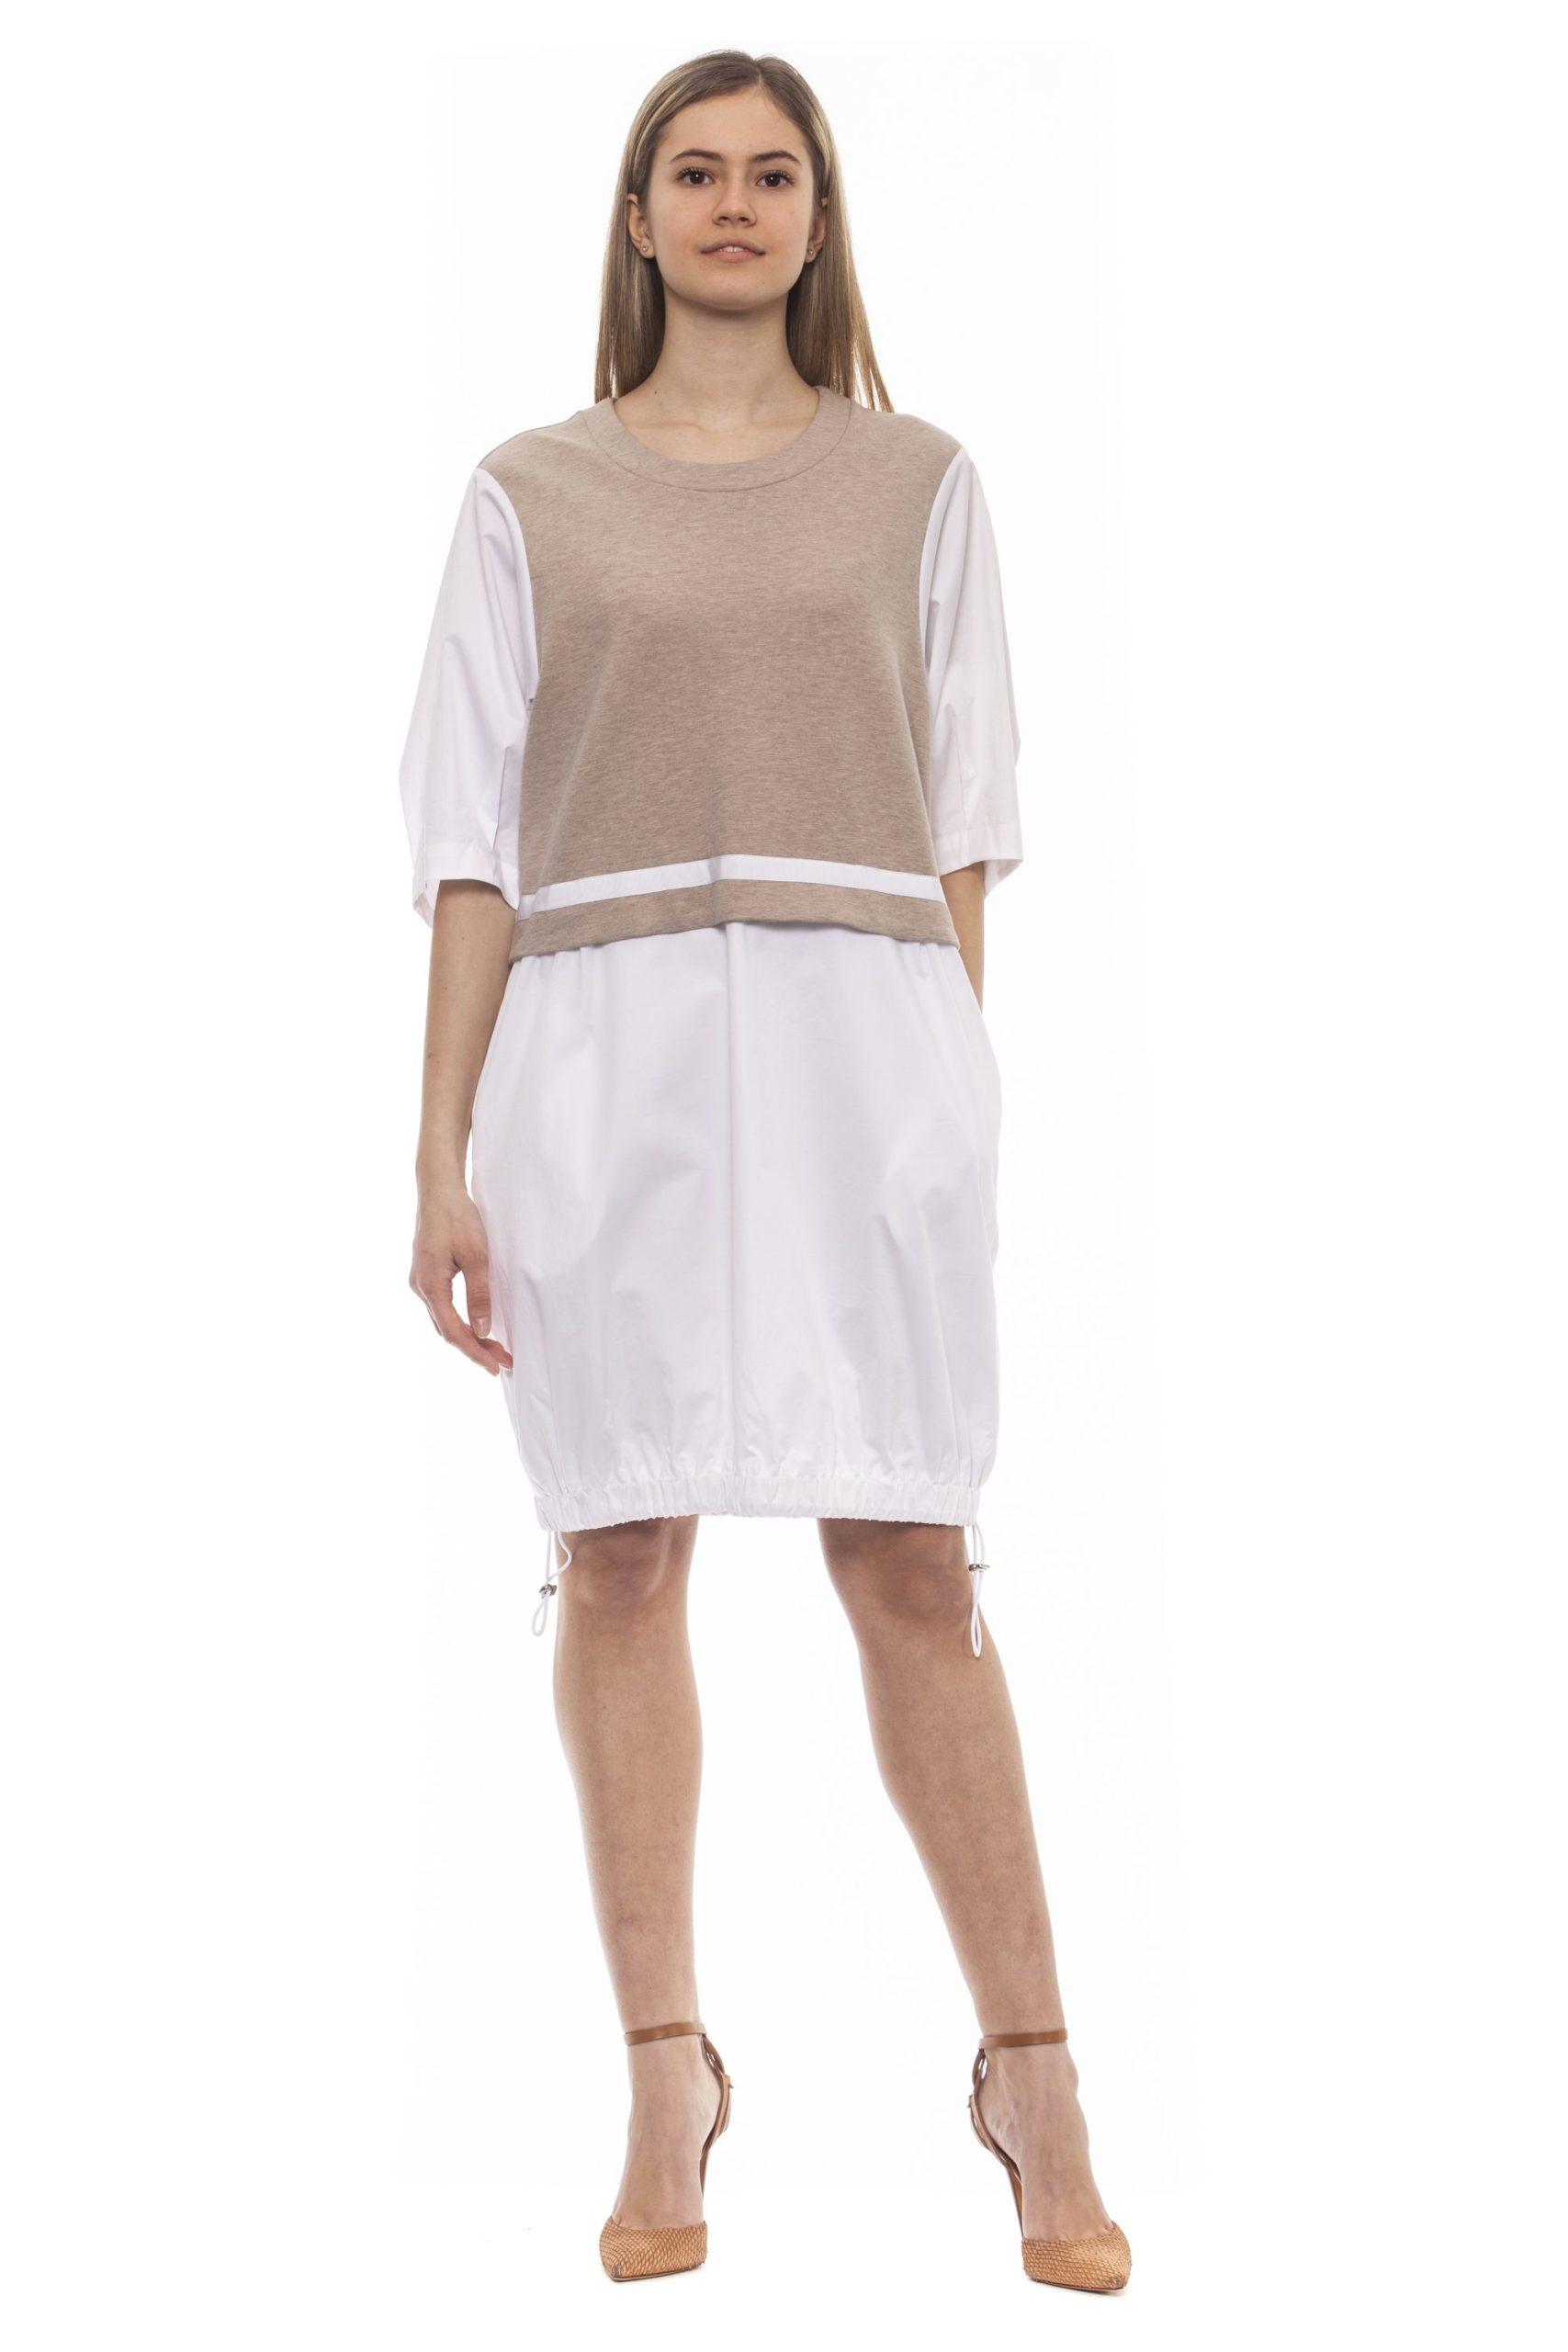 Peserico Women's Bianco Dress Beige PE1383204 - IT42   S